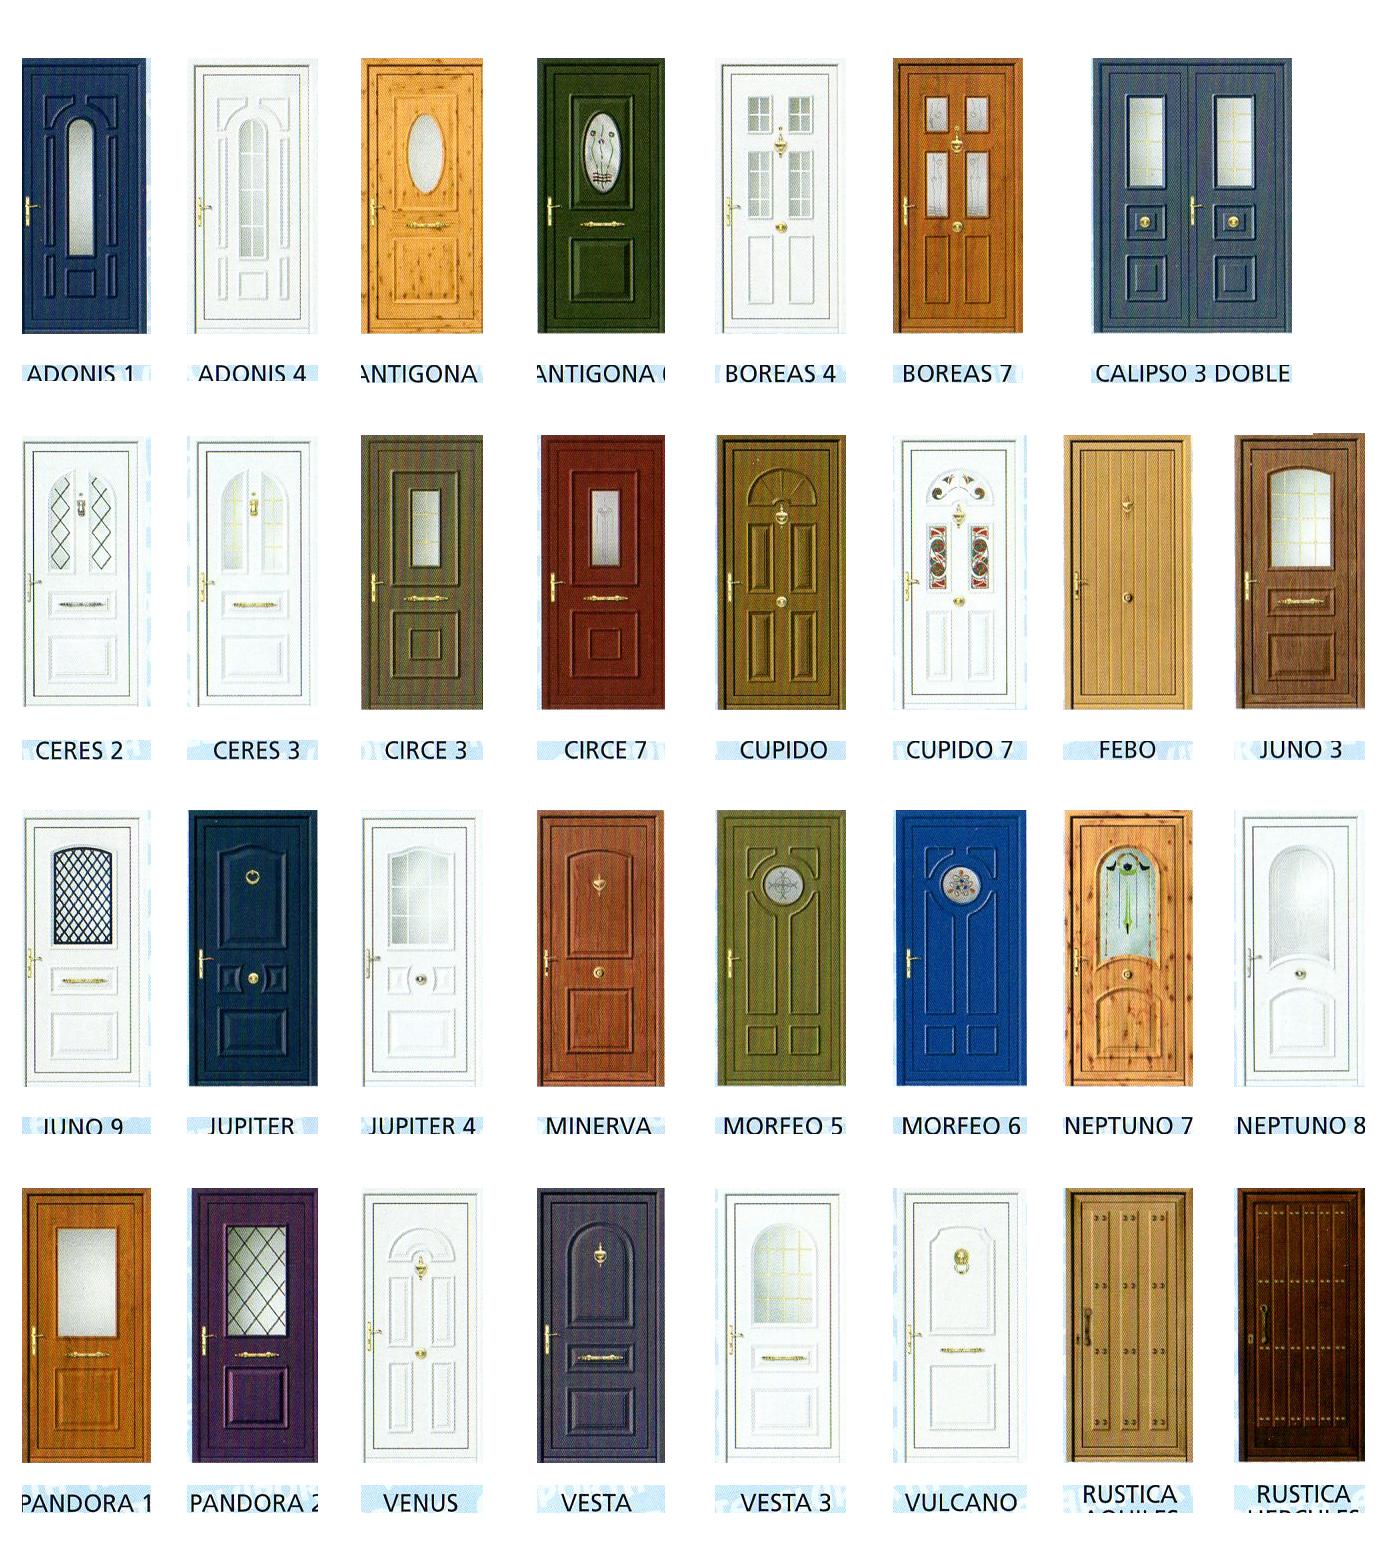 Puertas De Aluminio Y Cerramientos Catalogo Puertas De Aluminio  ~ Puertas De Exterior De Aluminio Precios